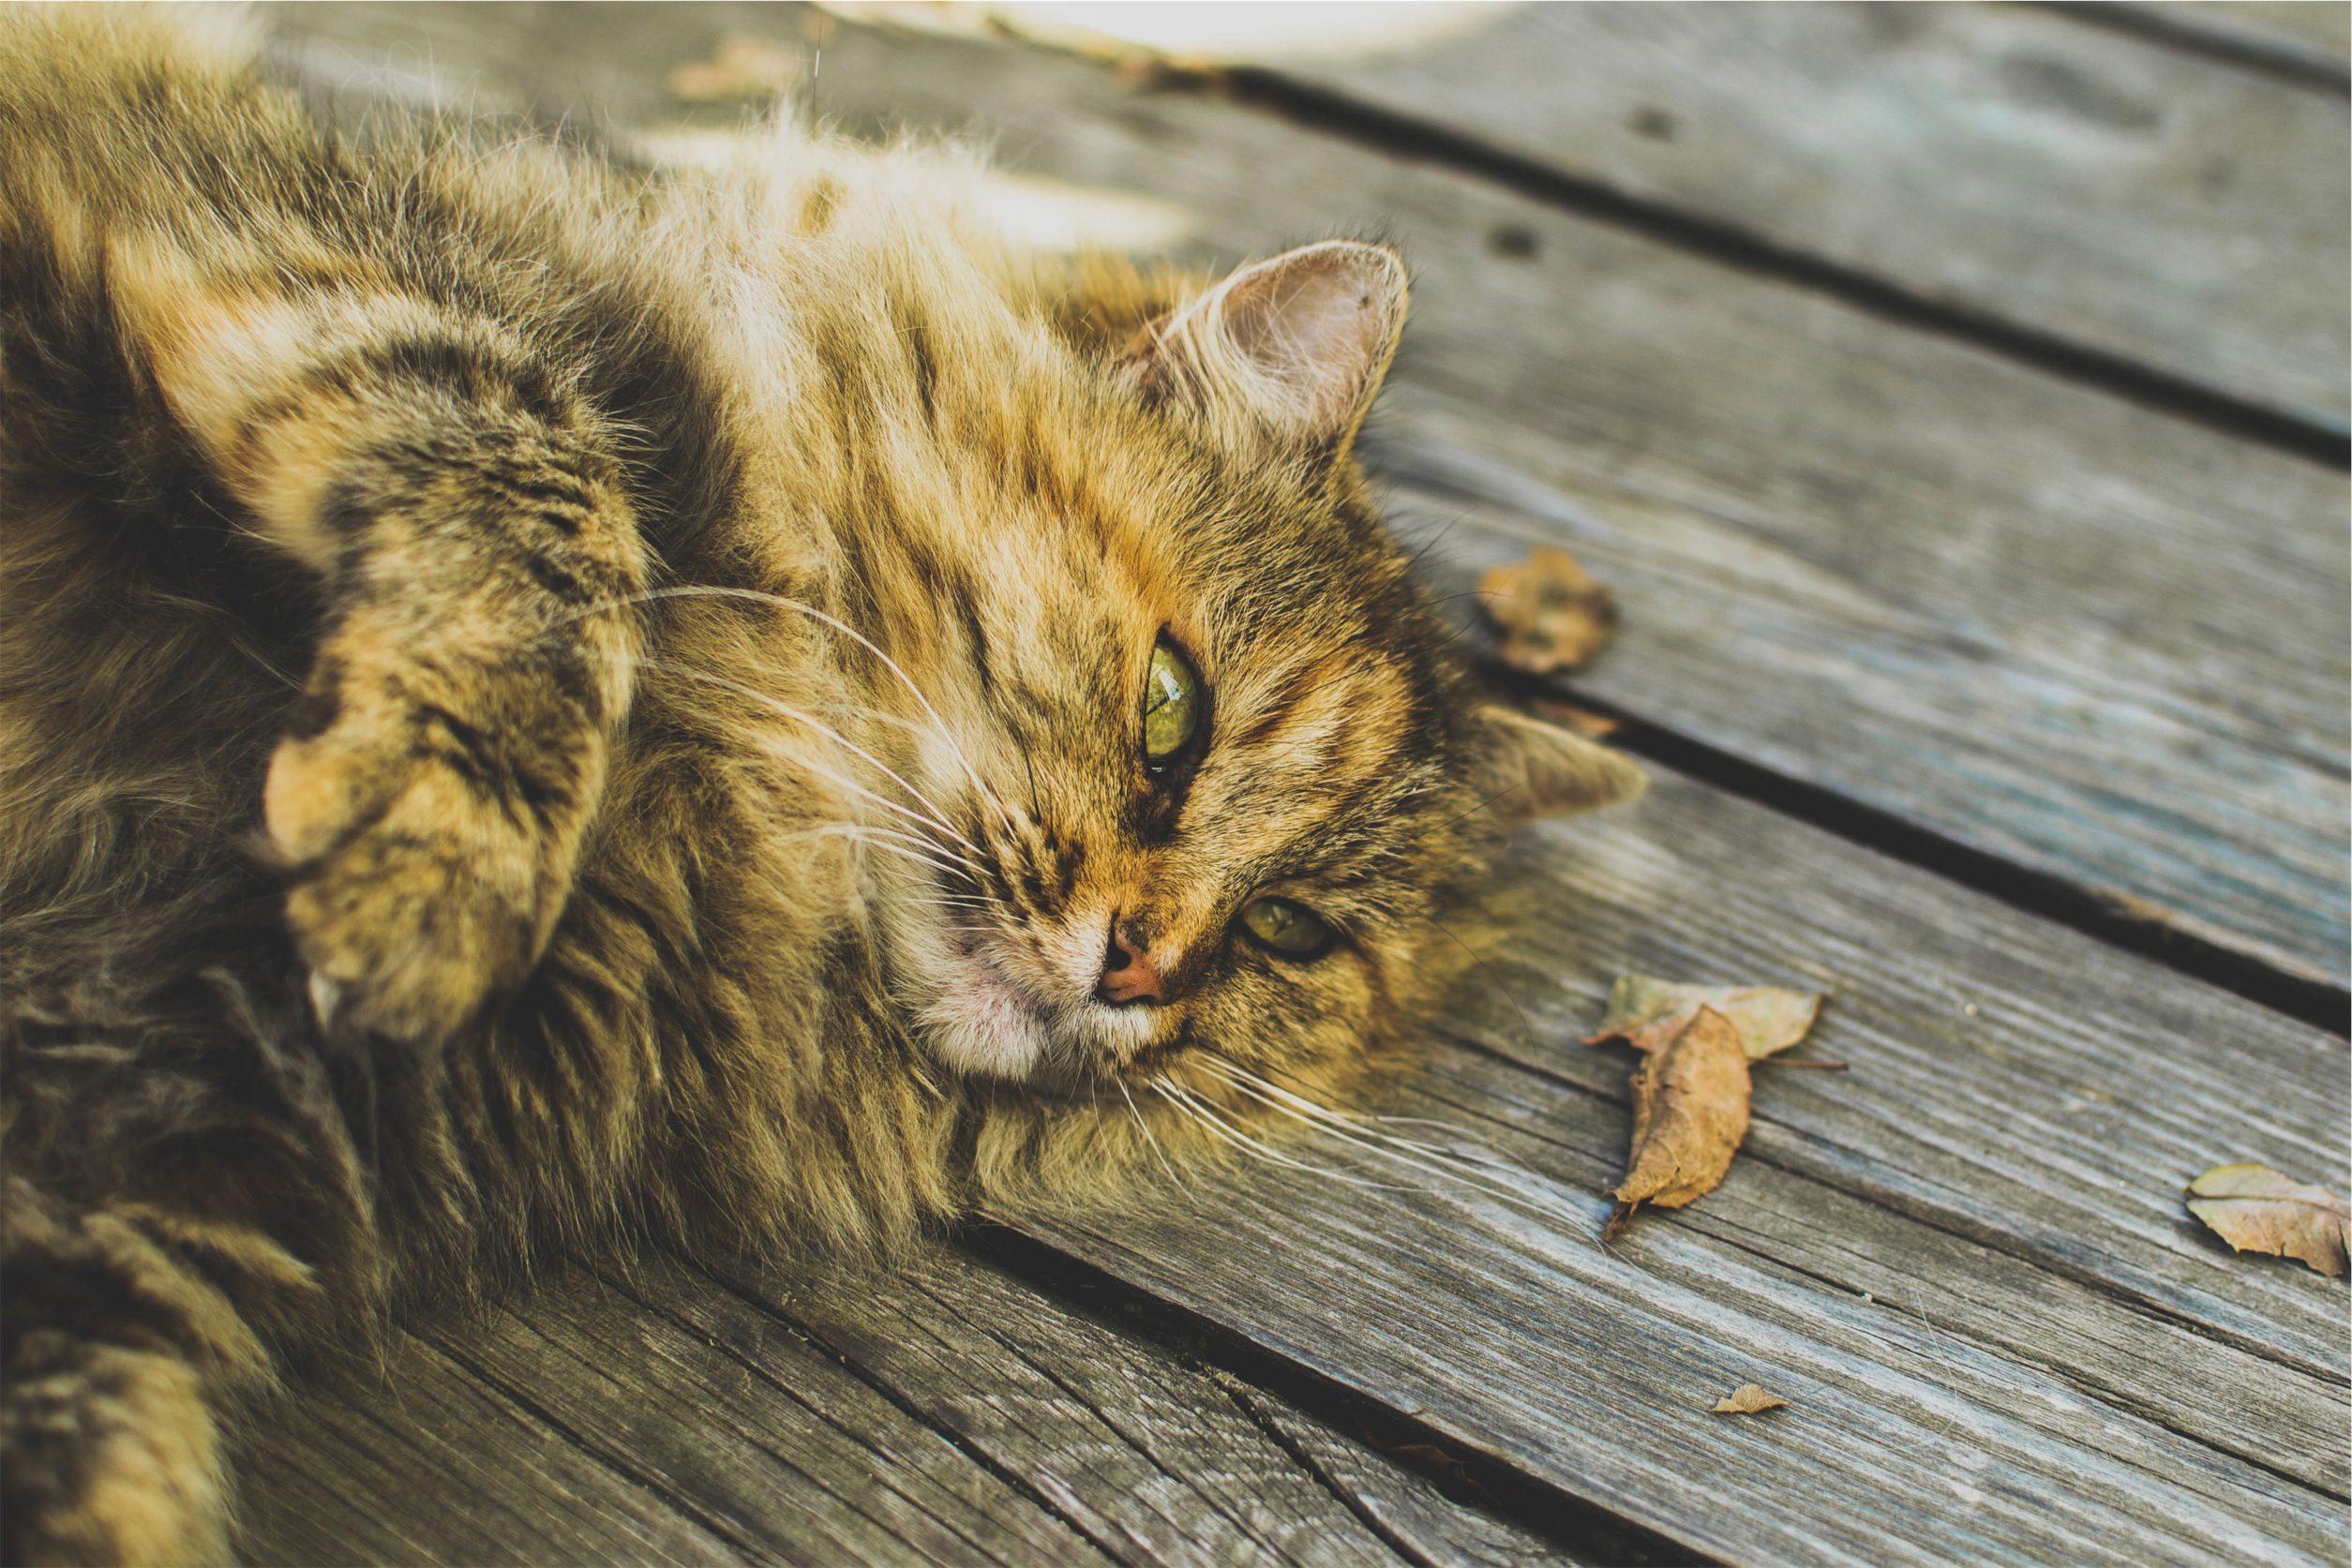 gatto, rilassarsi, terreno, legno, sguardo - Sfondi HD - Professor-falken.com